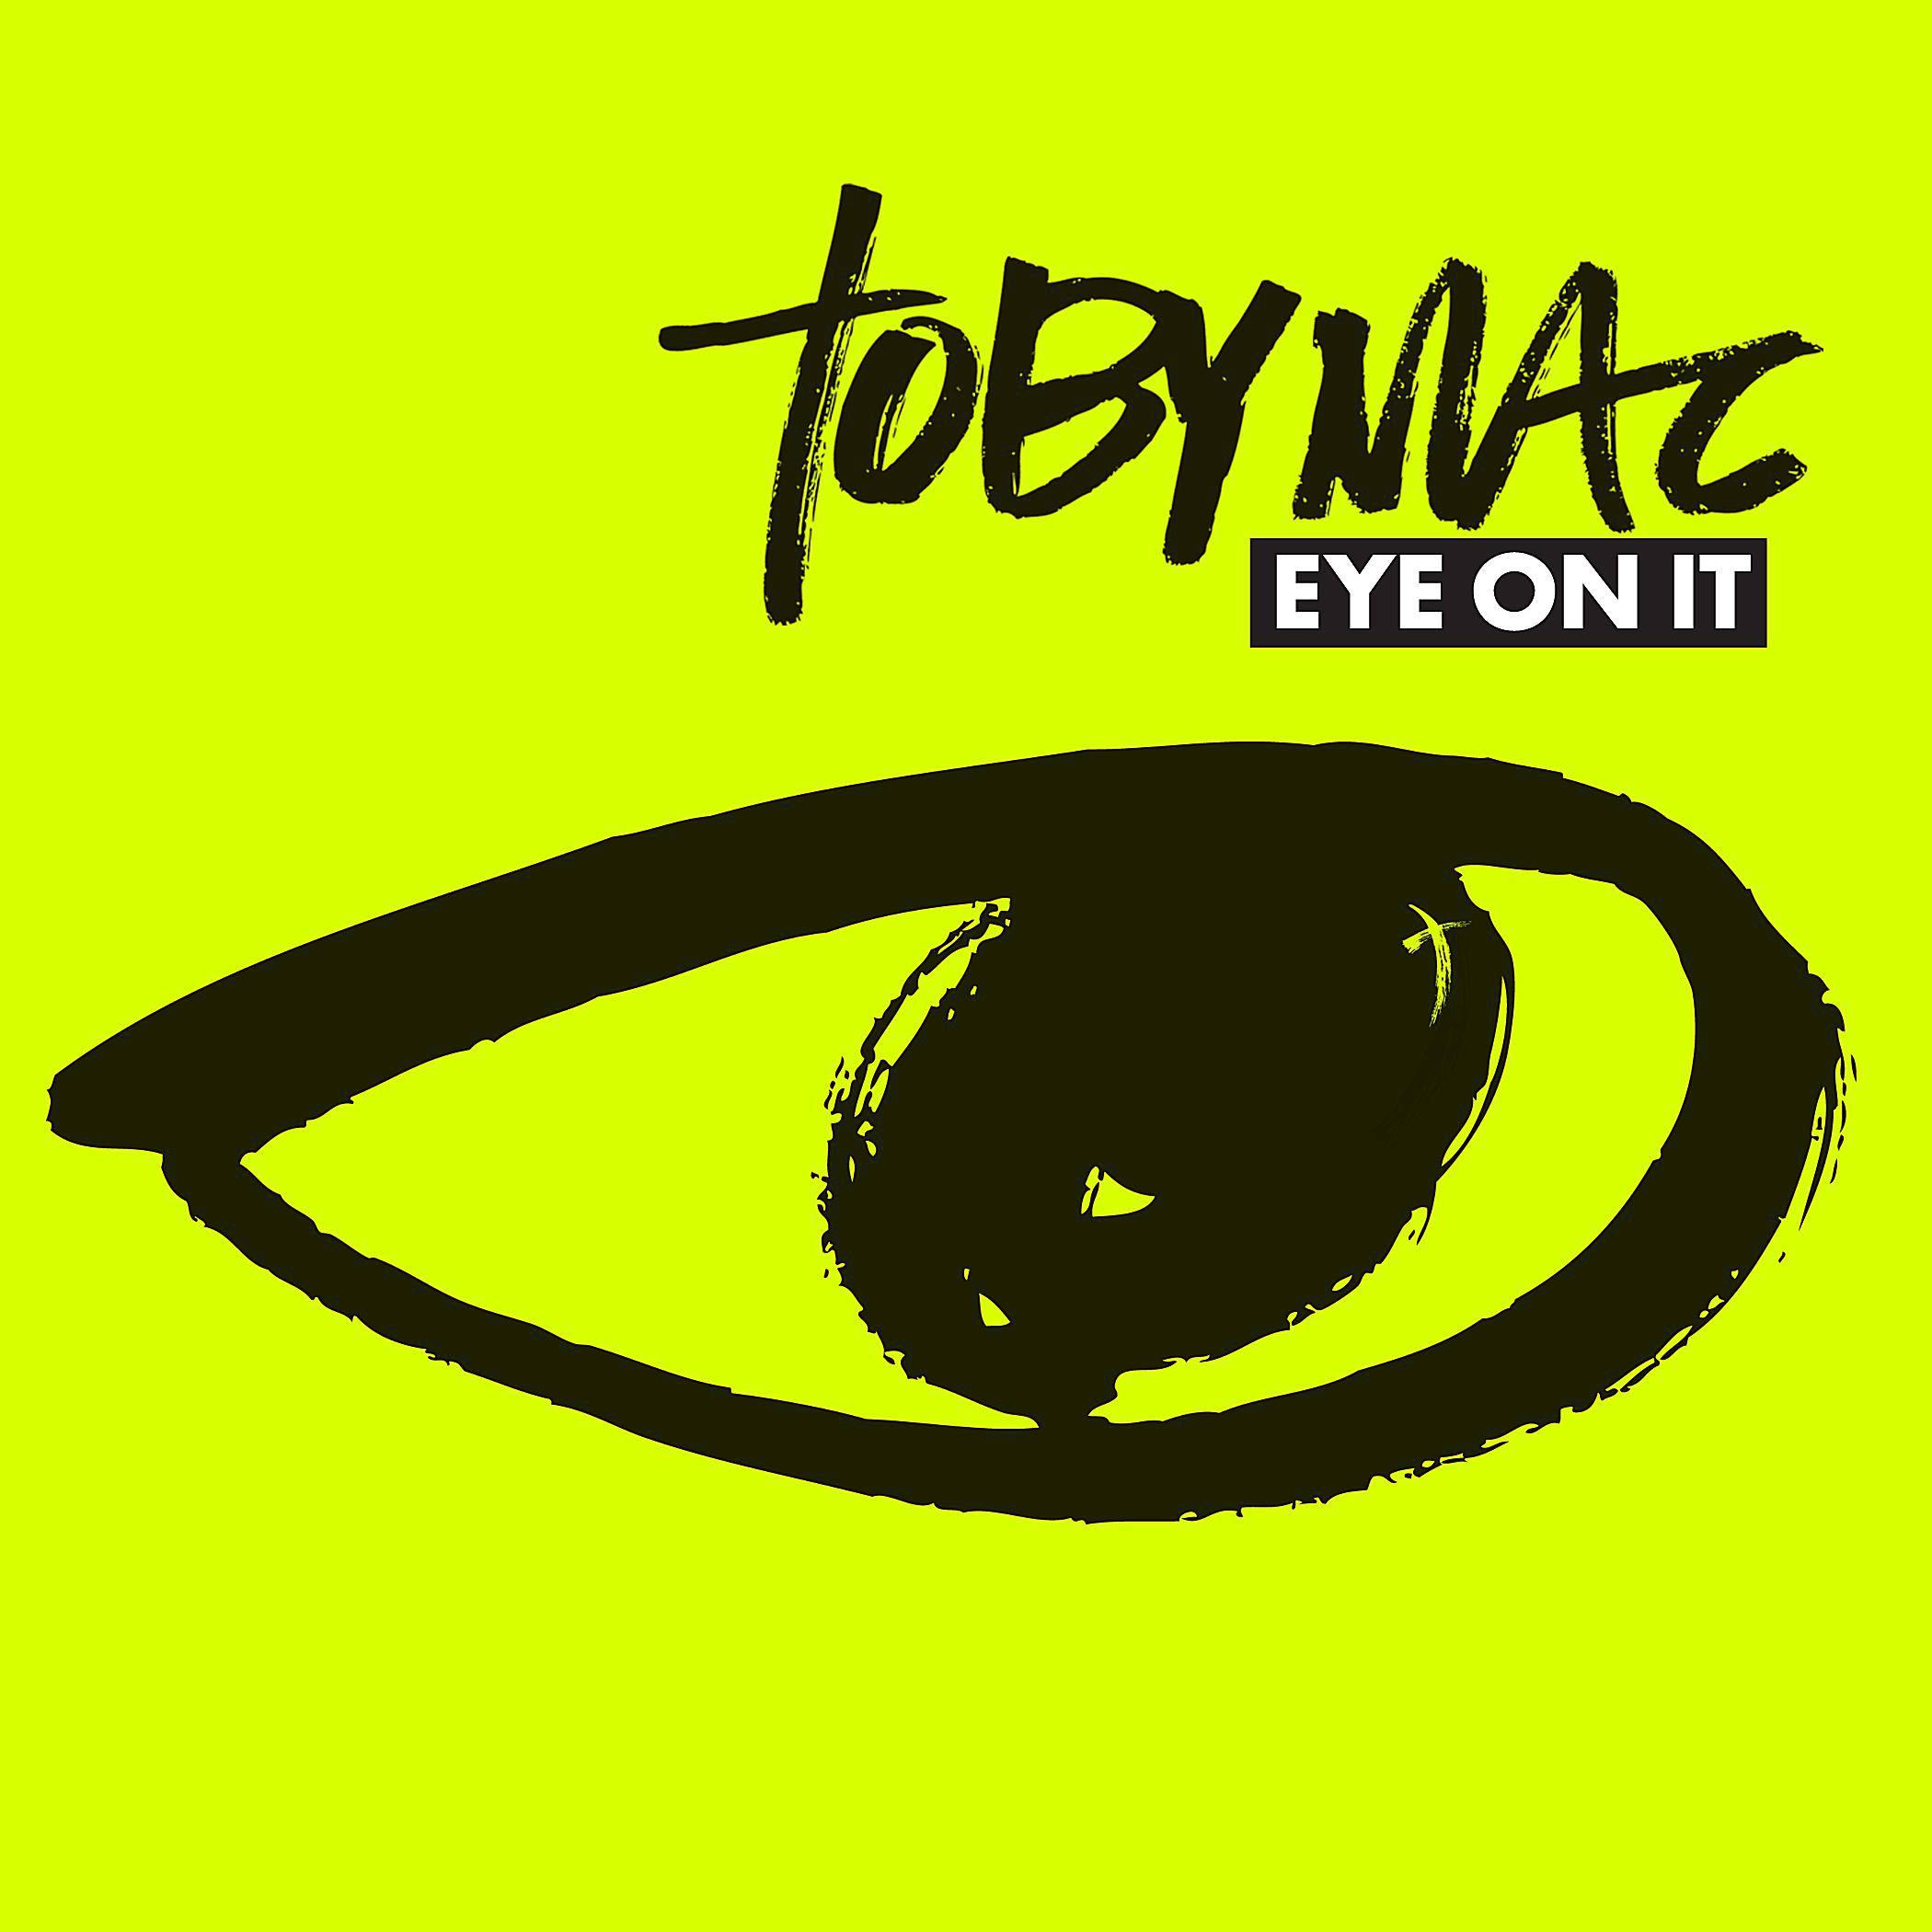 tobymac - Eye On It